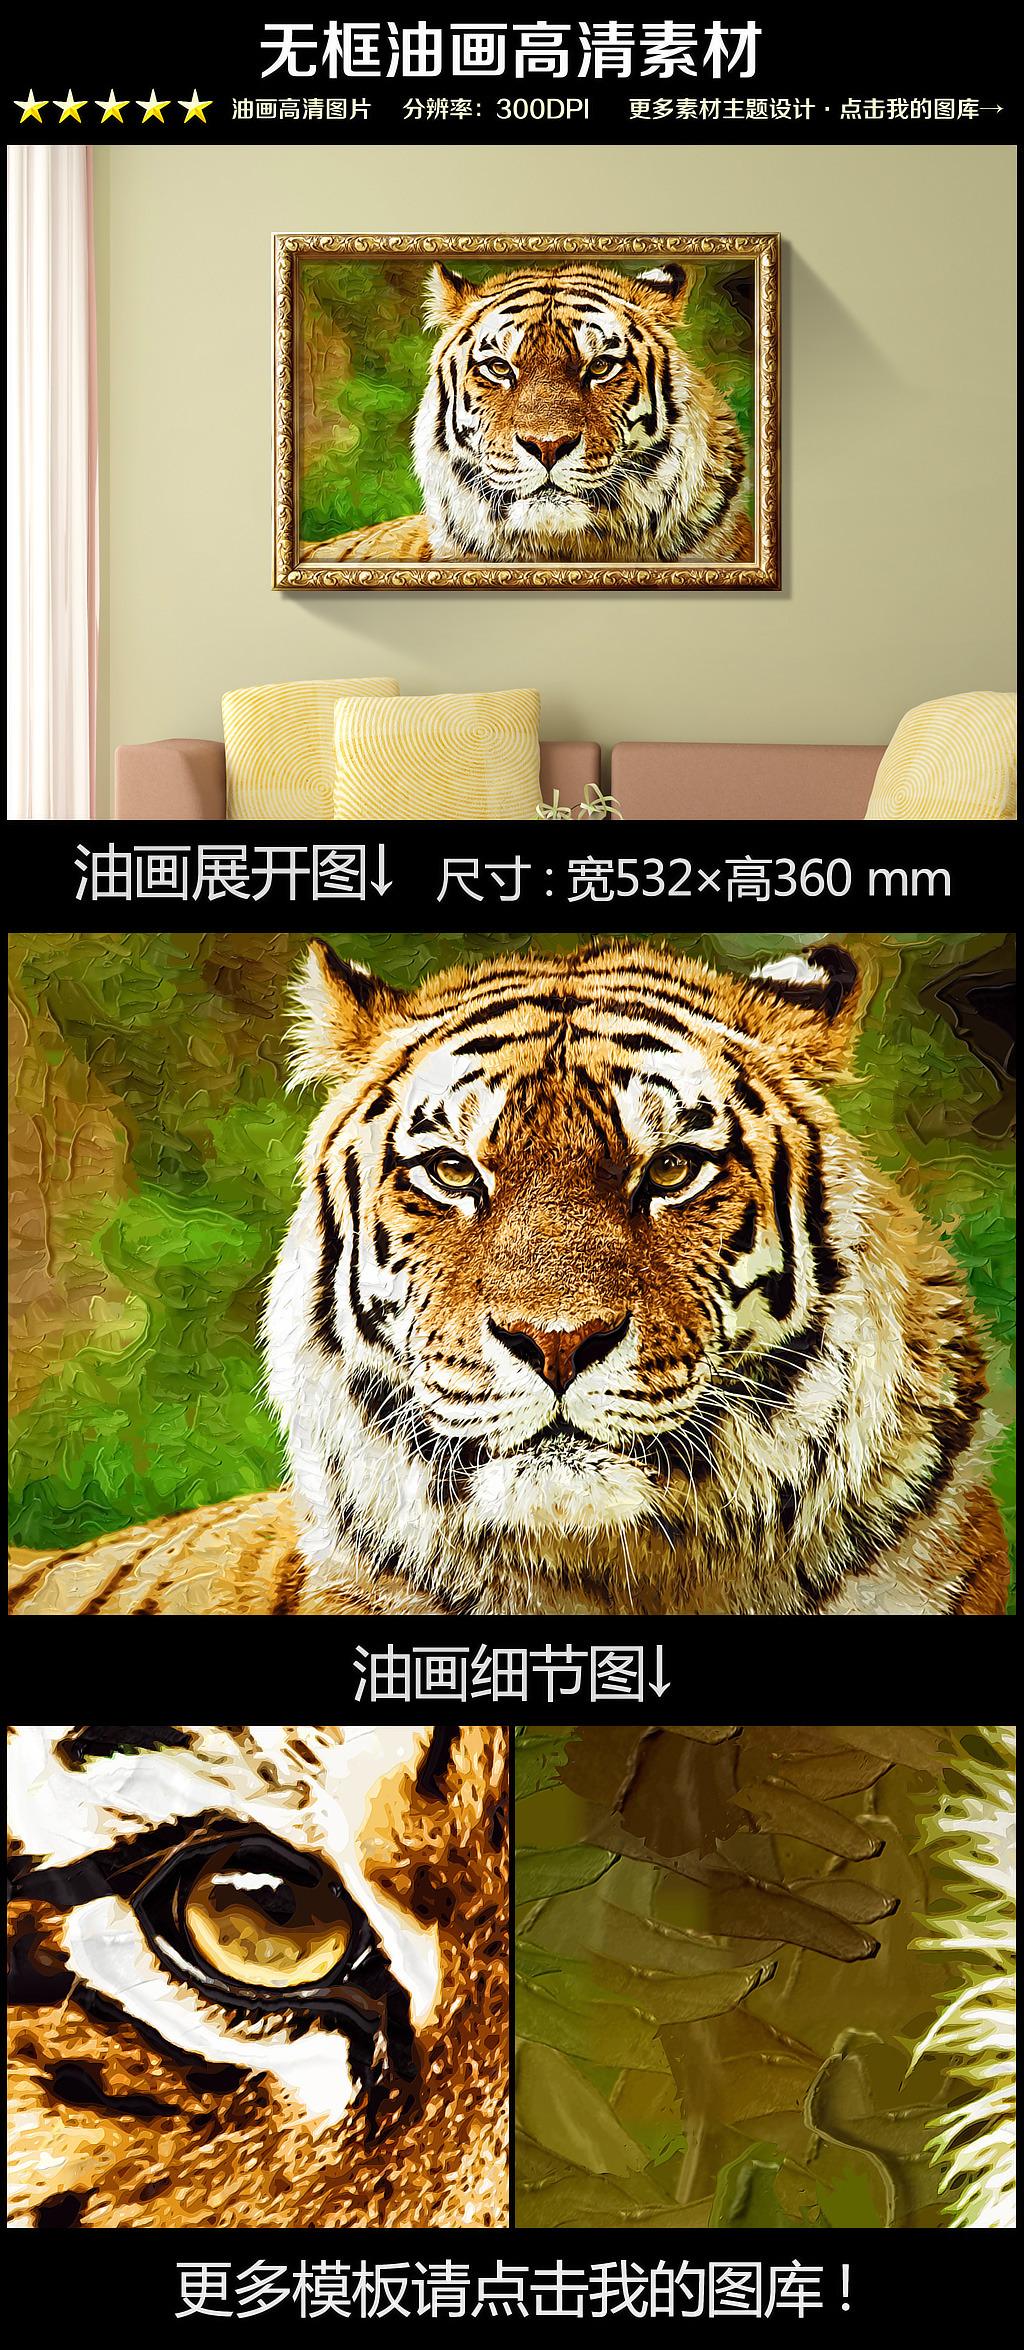 高清油画装饰画老虎头像